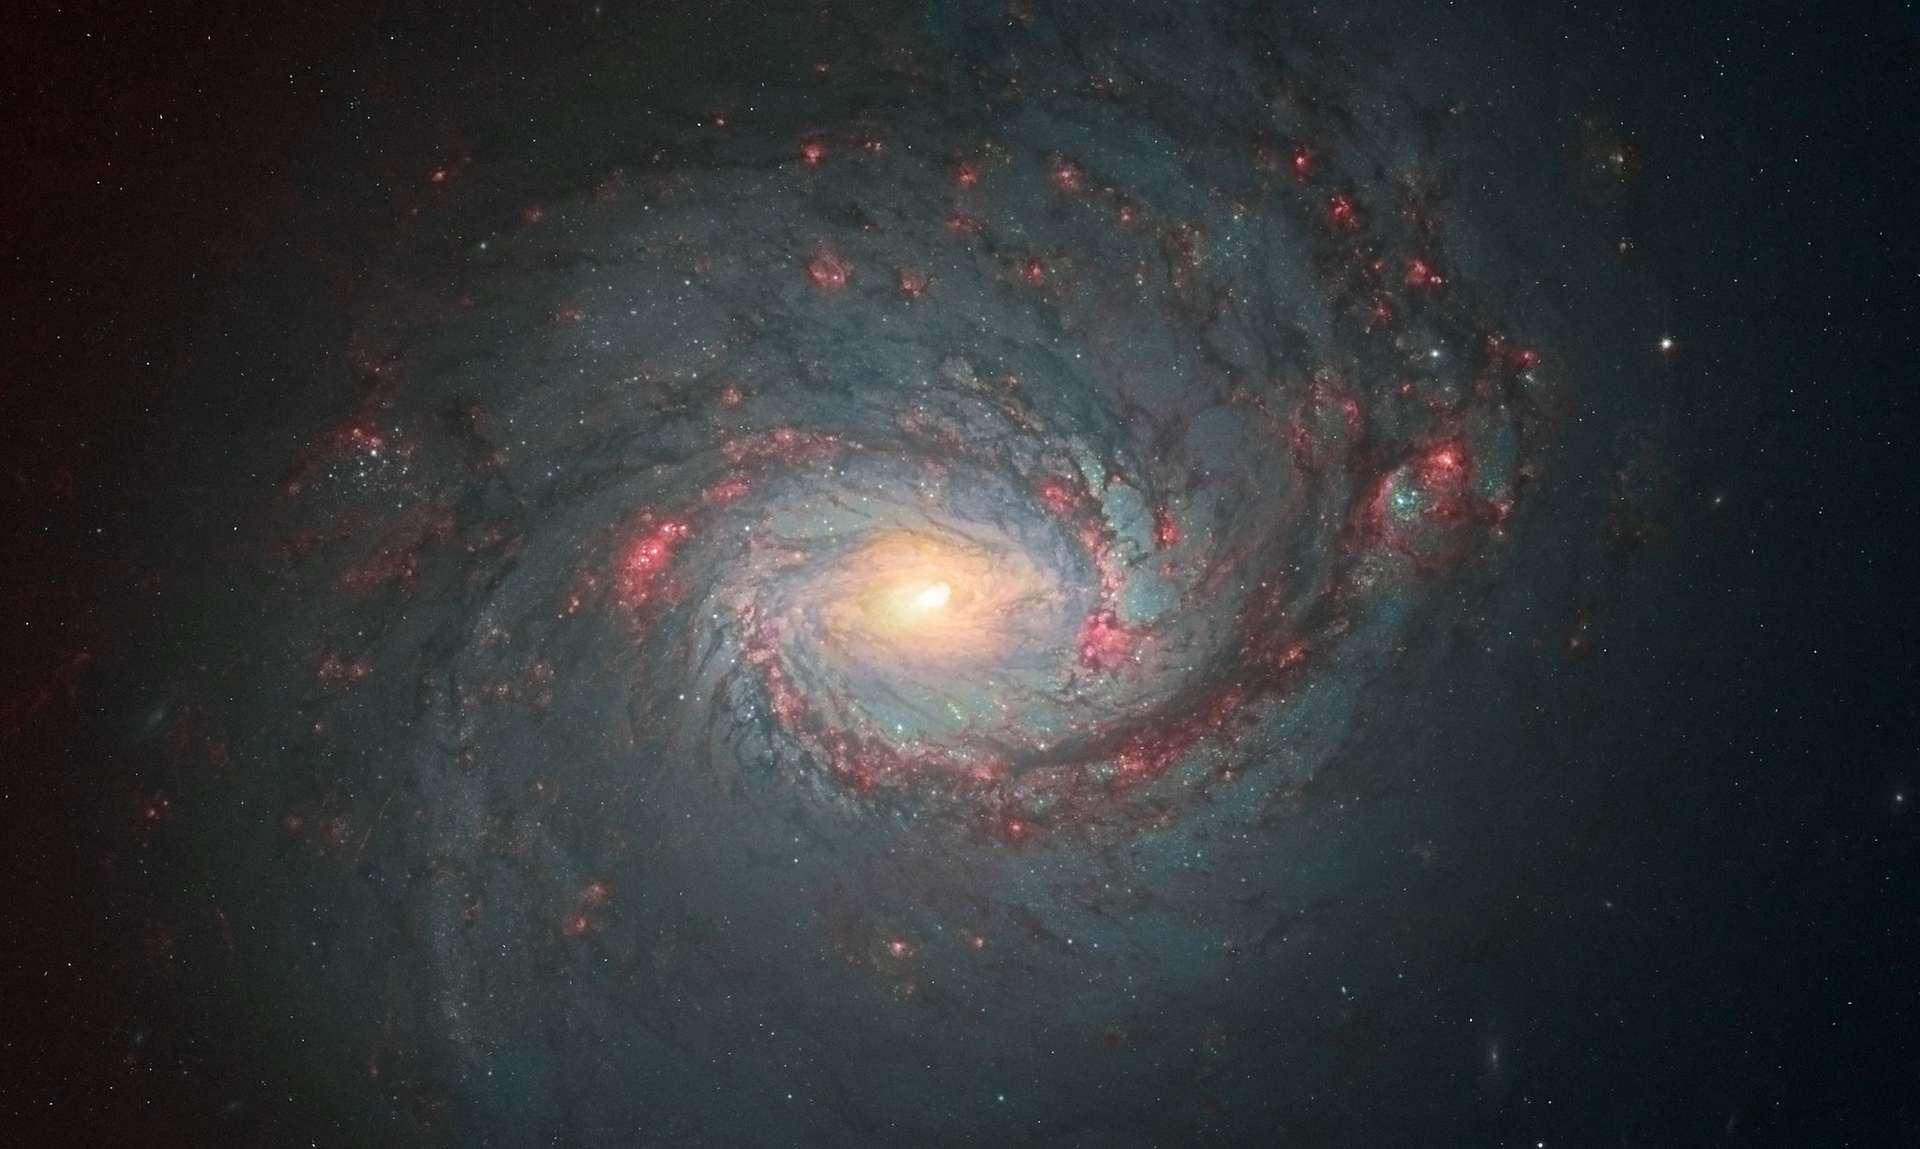 Les galaxies spirales comme M77, ici photographiée par Hubble, doivent leur forme particulière à deux champs magnétiques. © Nasa, ESA, the Hubble Heritage (STScI/AURA)-ESA/Hubble Collaboration)